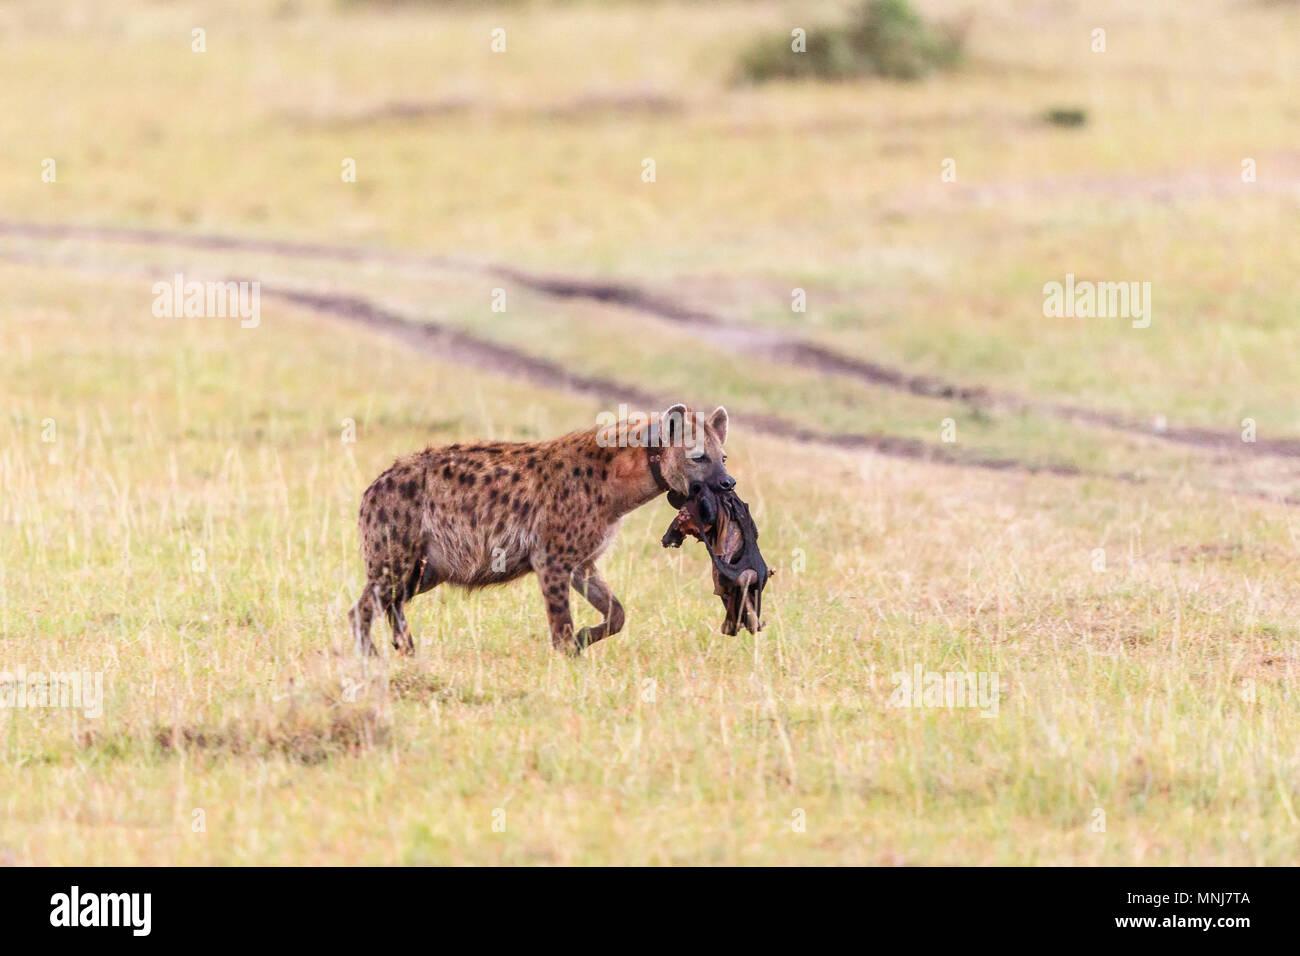 Hyäne mit Tracking collar Durchführung einer tierischen Beute Stockbild